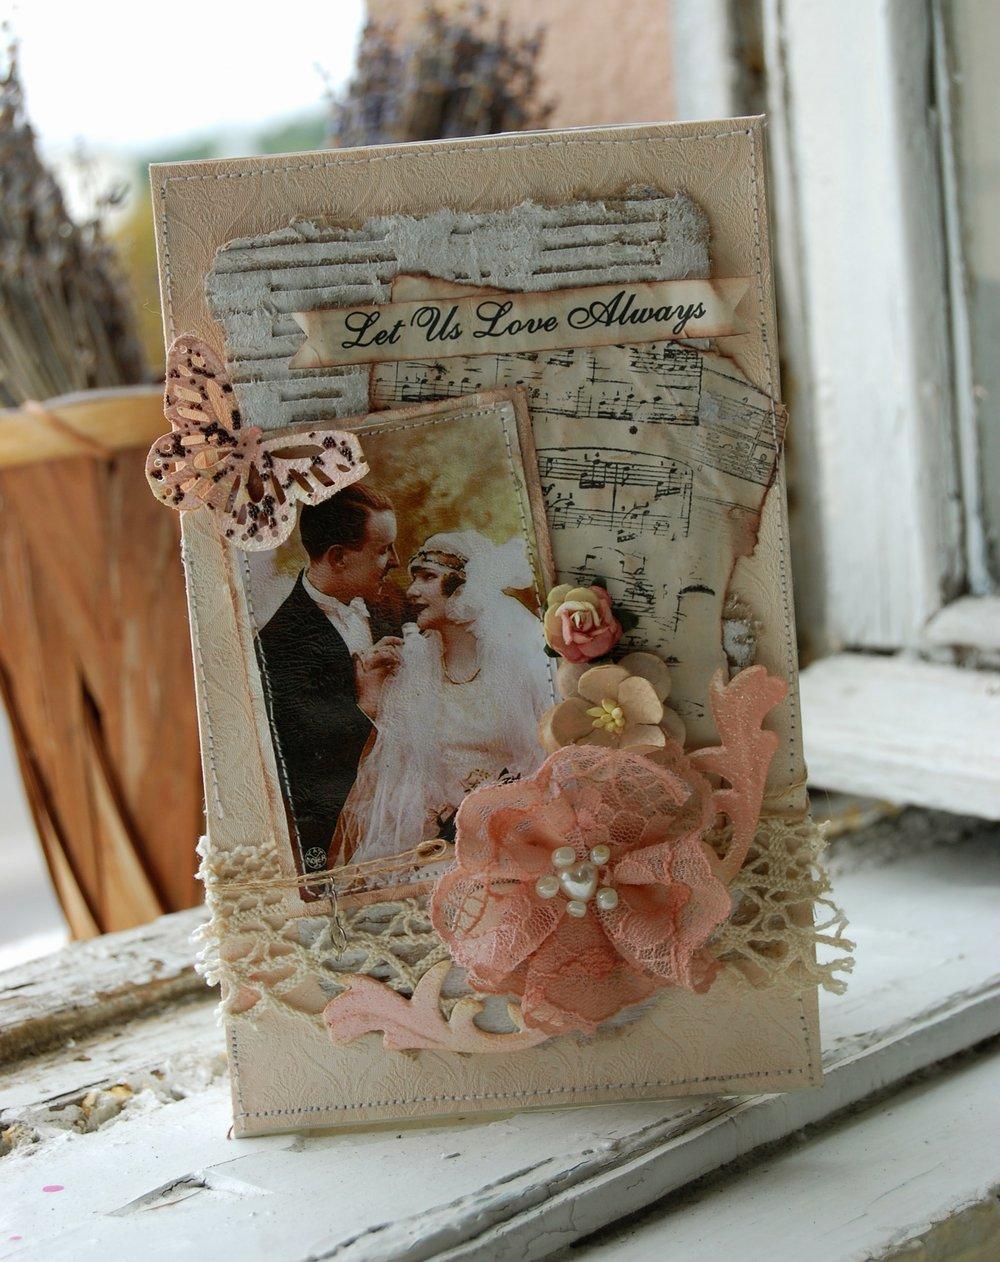 открытки из скрапбукинга своими руками на свадьбу сожалению, индустрия становится